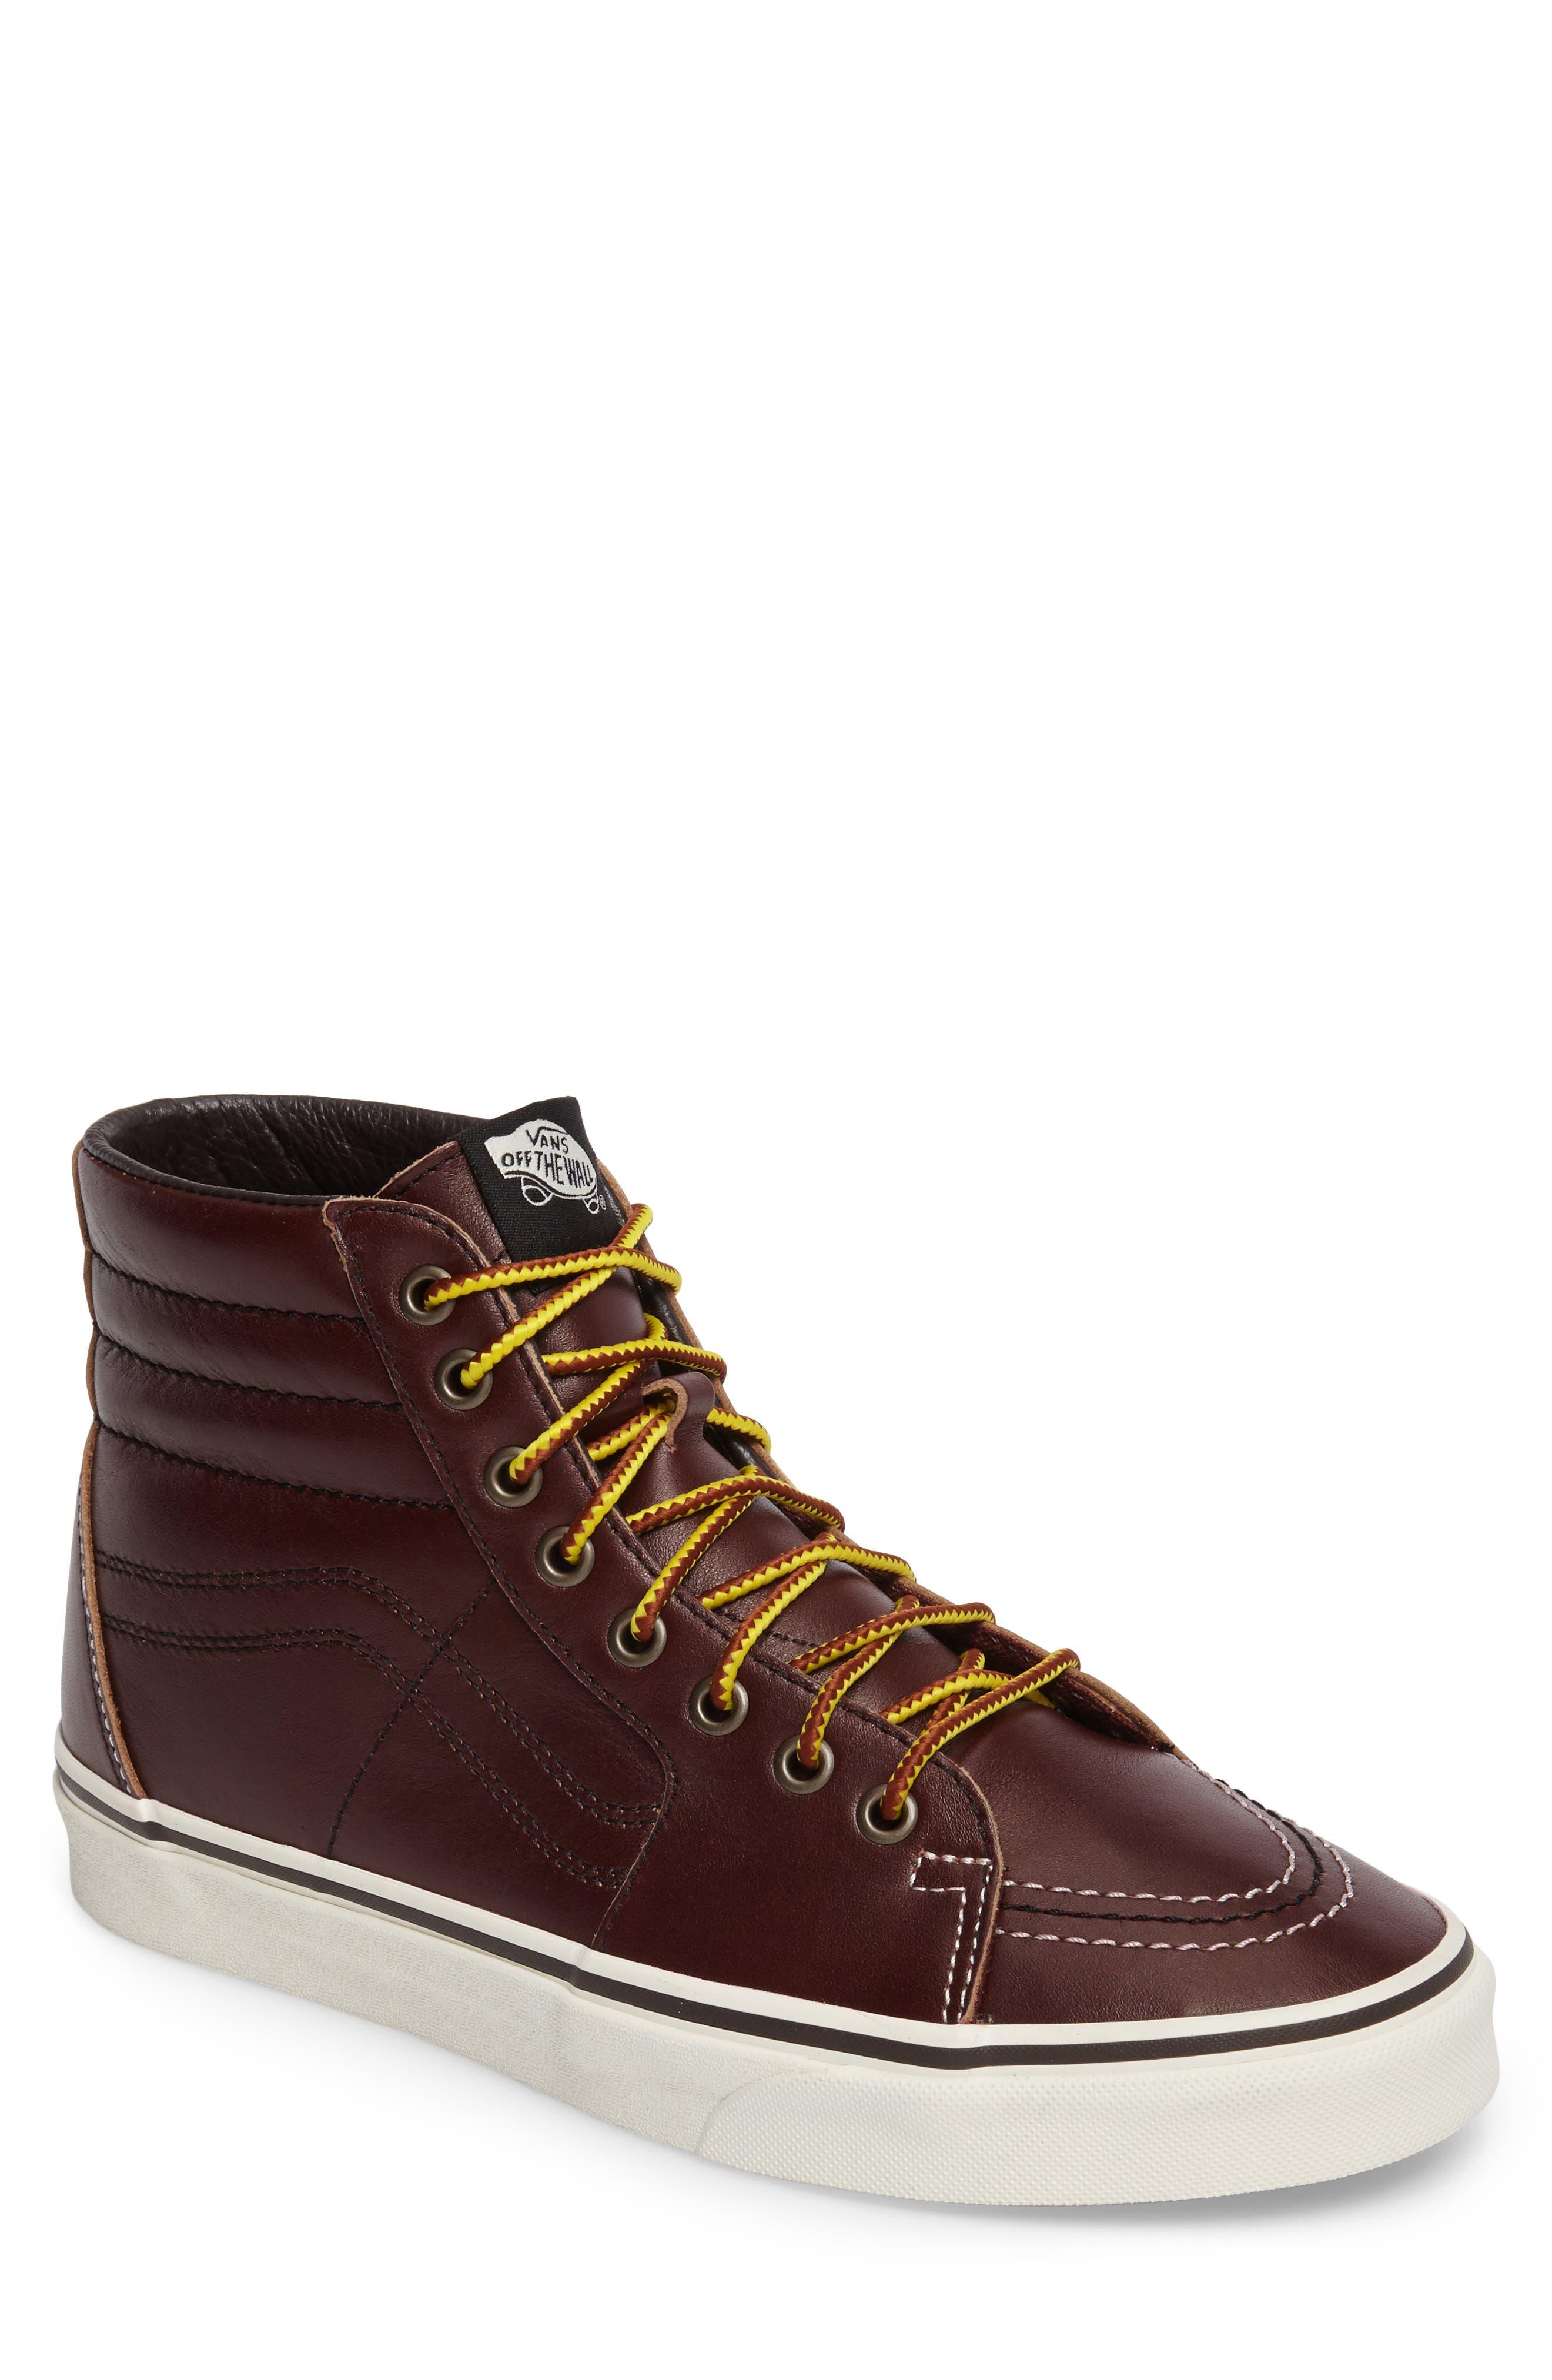 Sk8-Hi Sneaker,                         Main,                         color, Rum Raisin/Marshmallow Leather